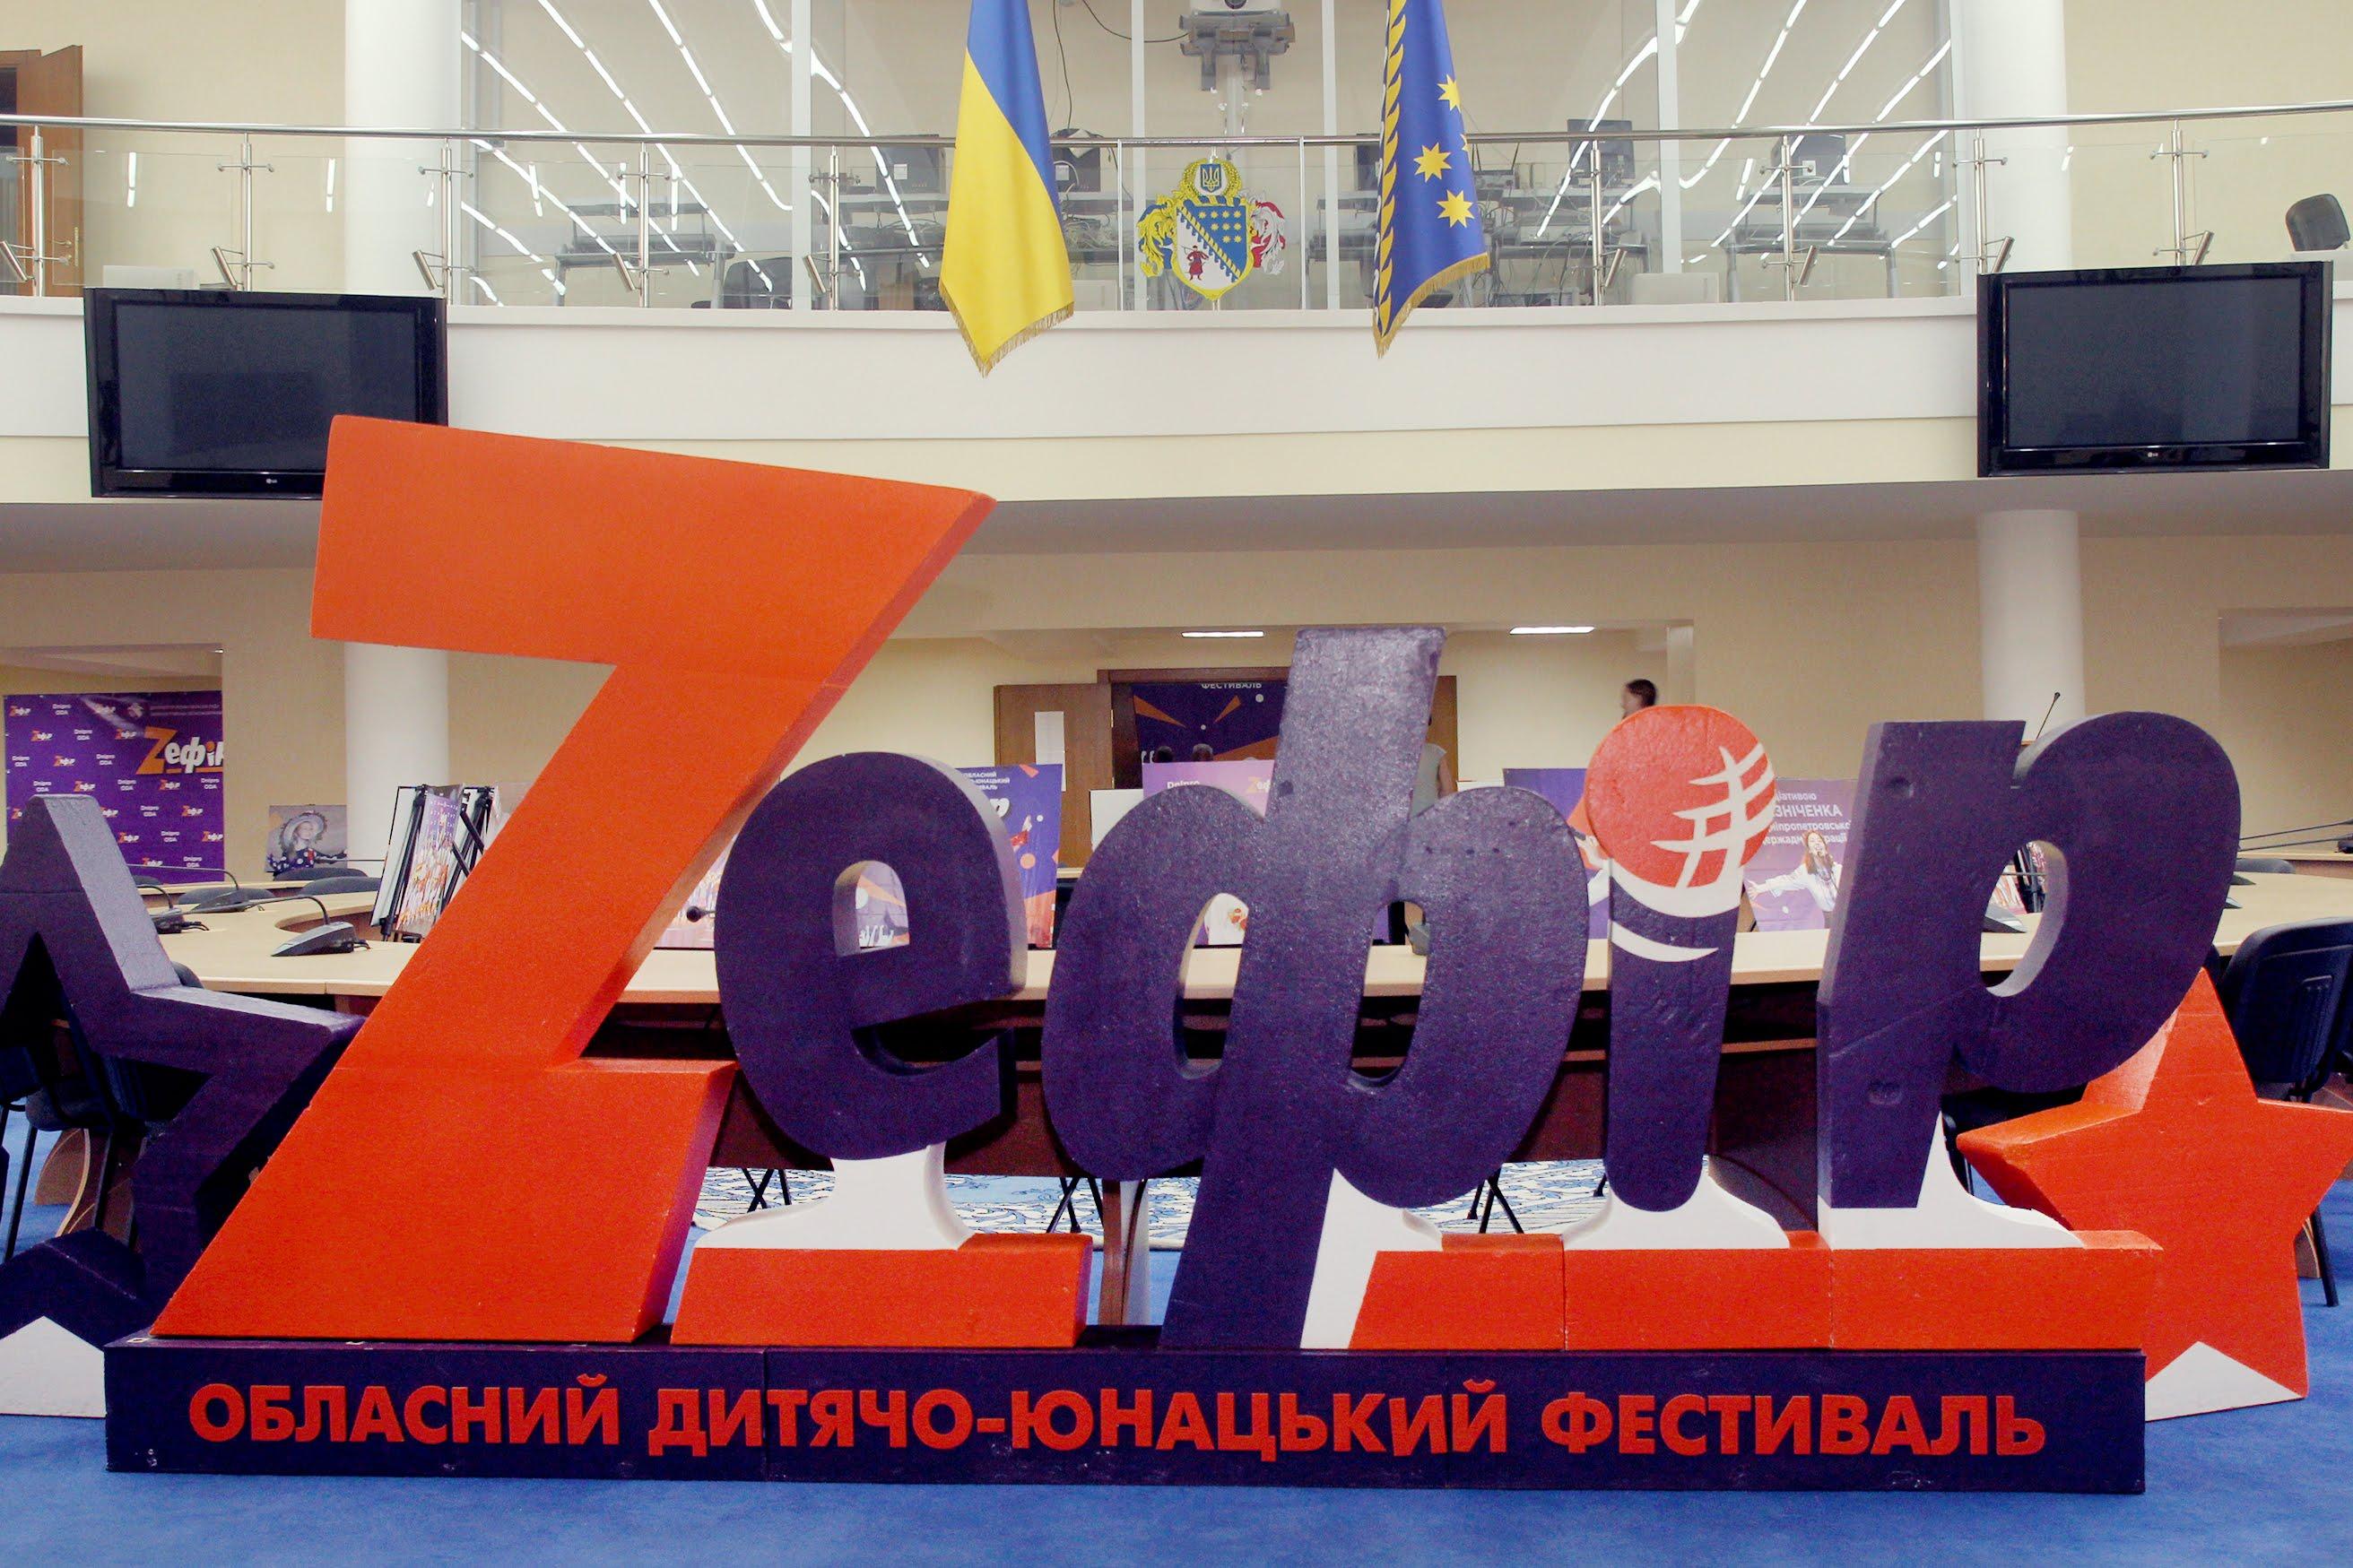 Финалисты талант-фестиваля «Z_ефир» презентуют почти полсотни креативных номеров на сцене в Днепре